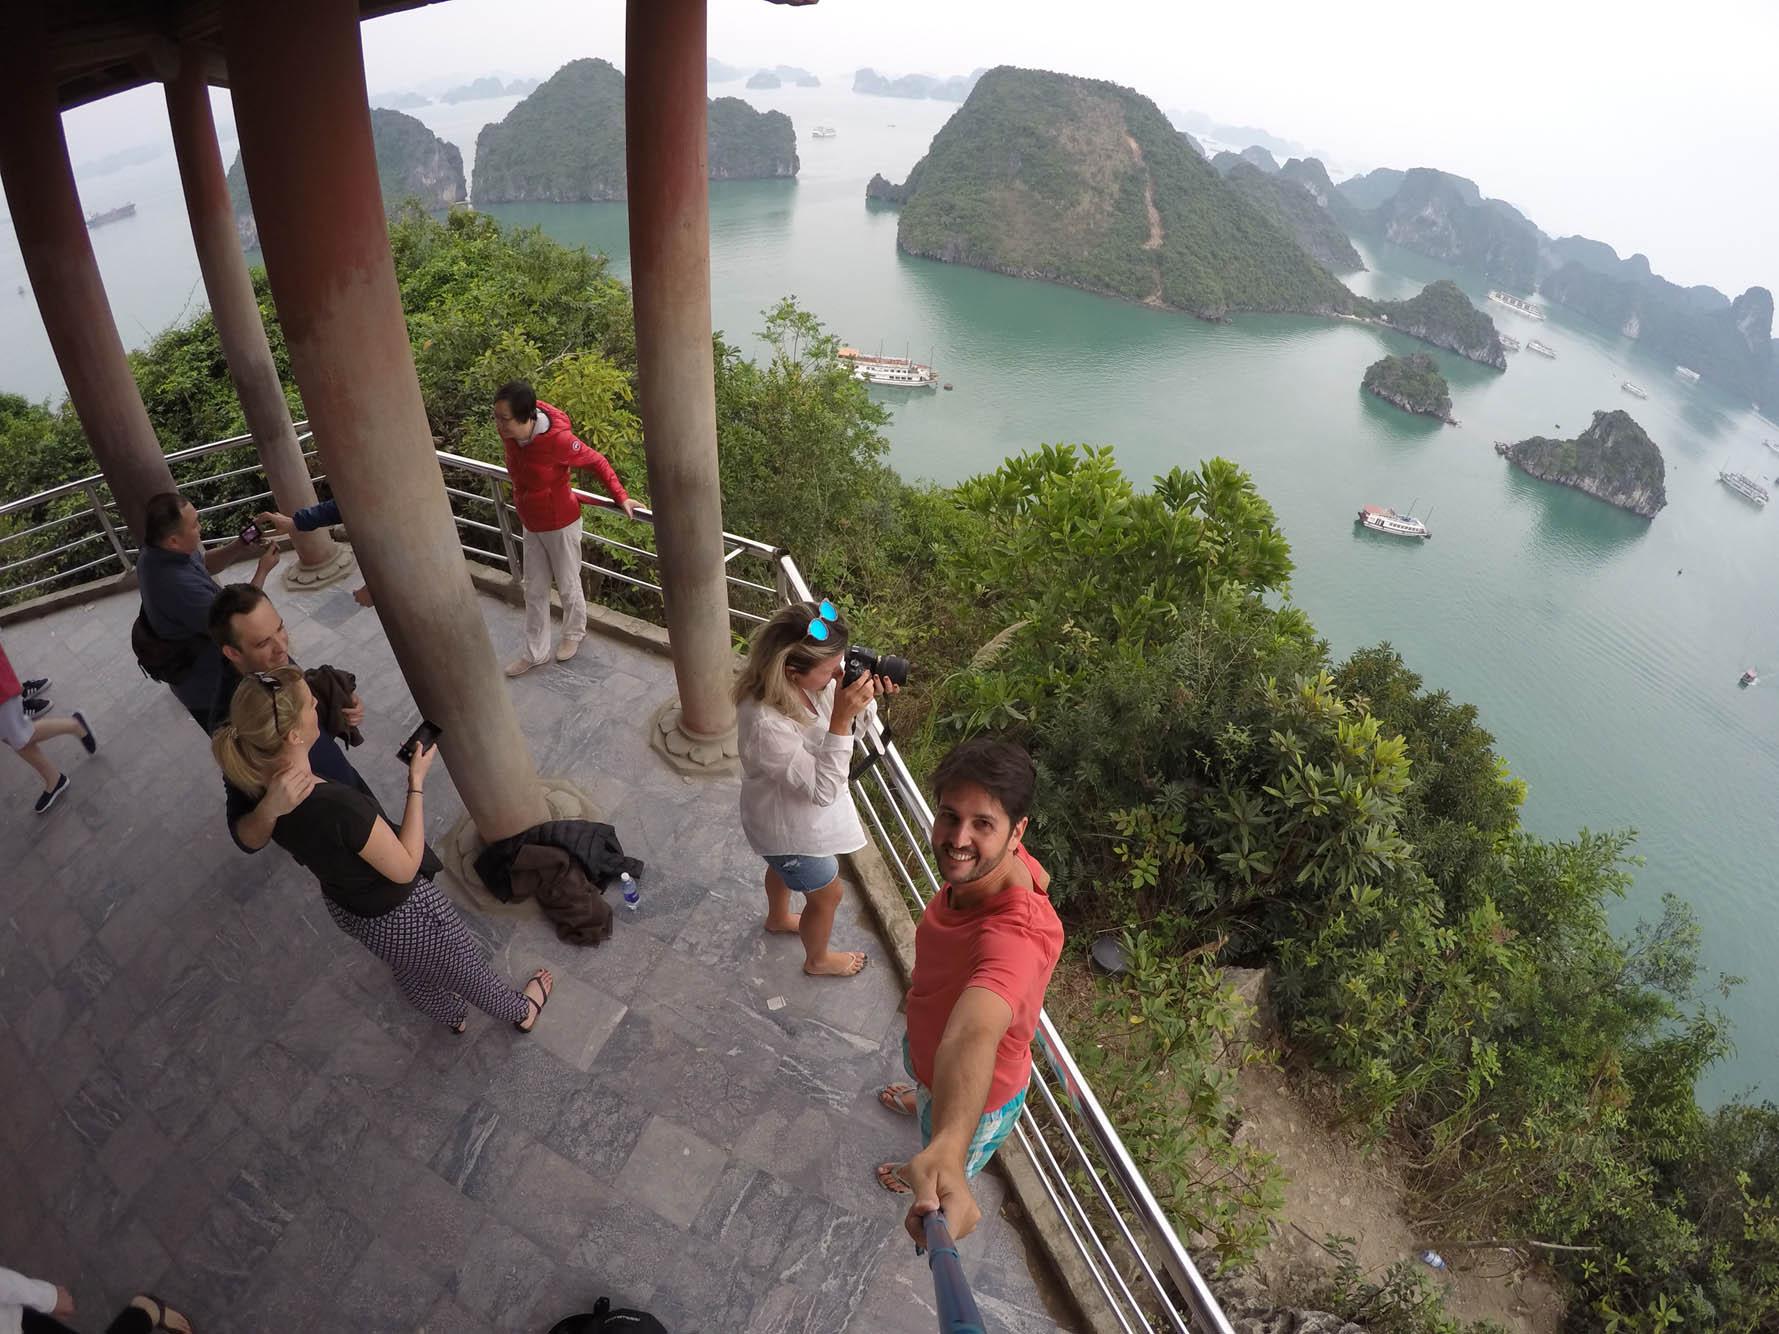 Fotos e mais fotos desse lugar lindo!!! | Halong Bay, Vietnã